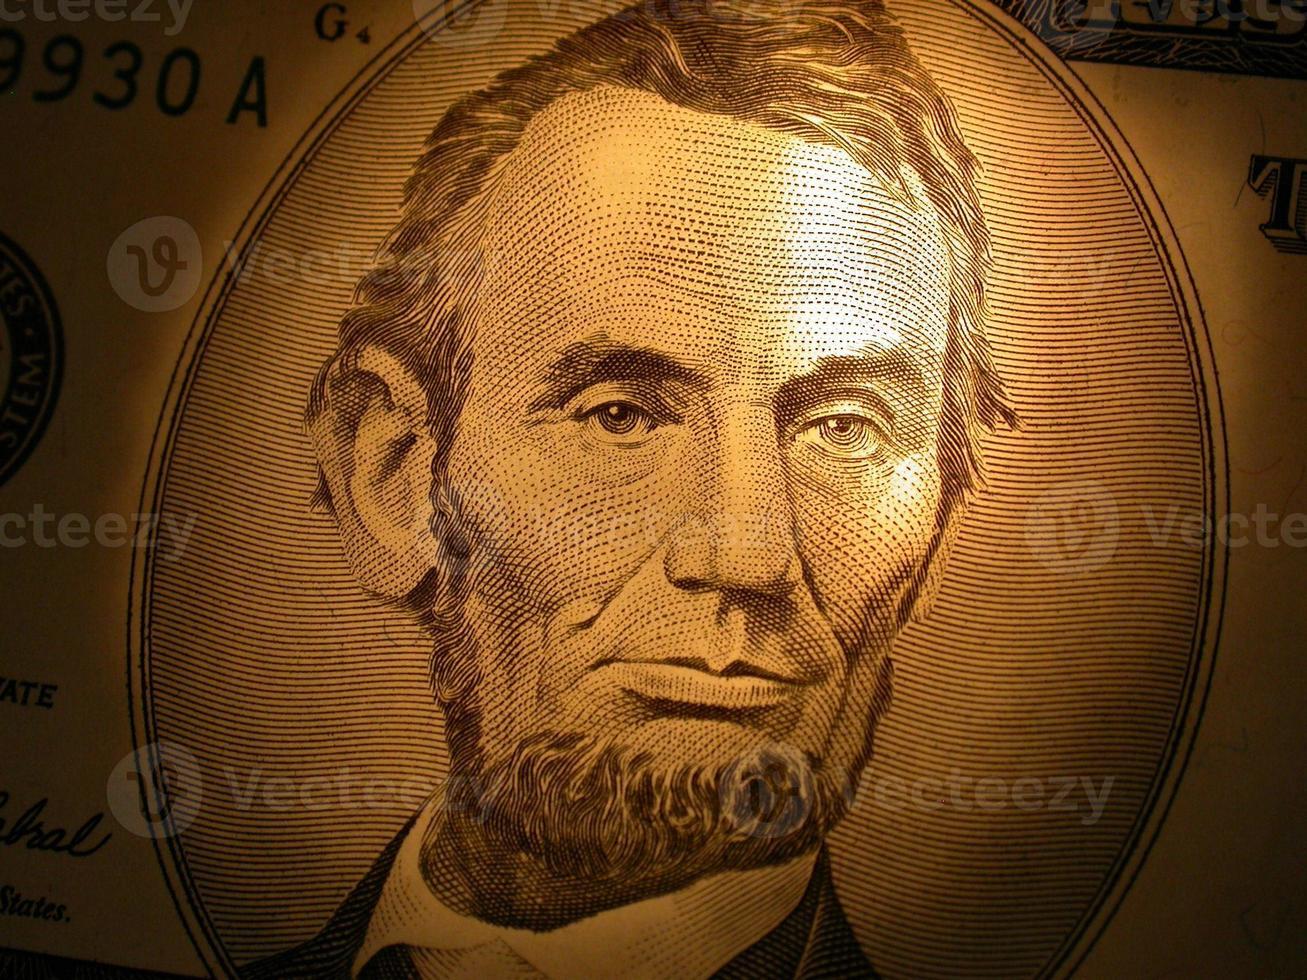 Lincoln a la luz de las velas - $ 5 foto